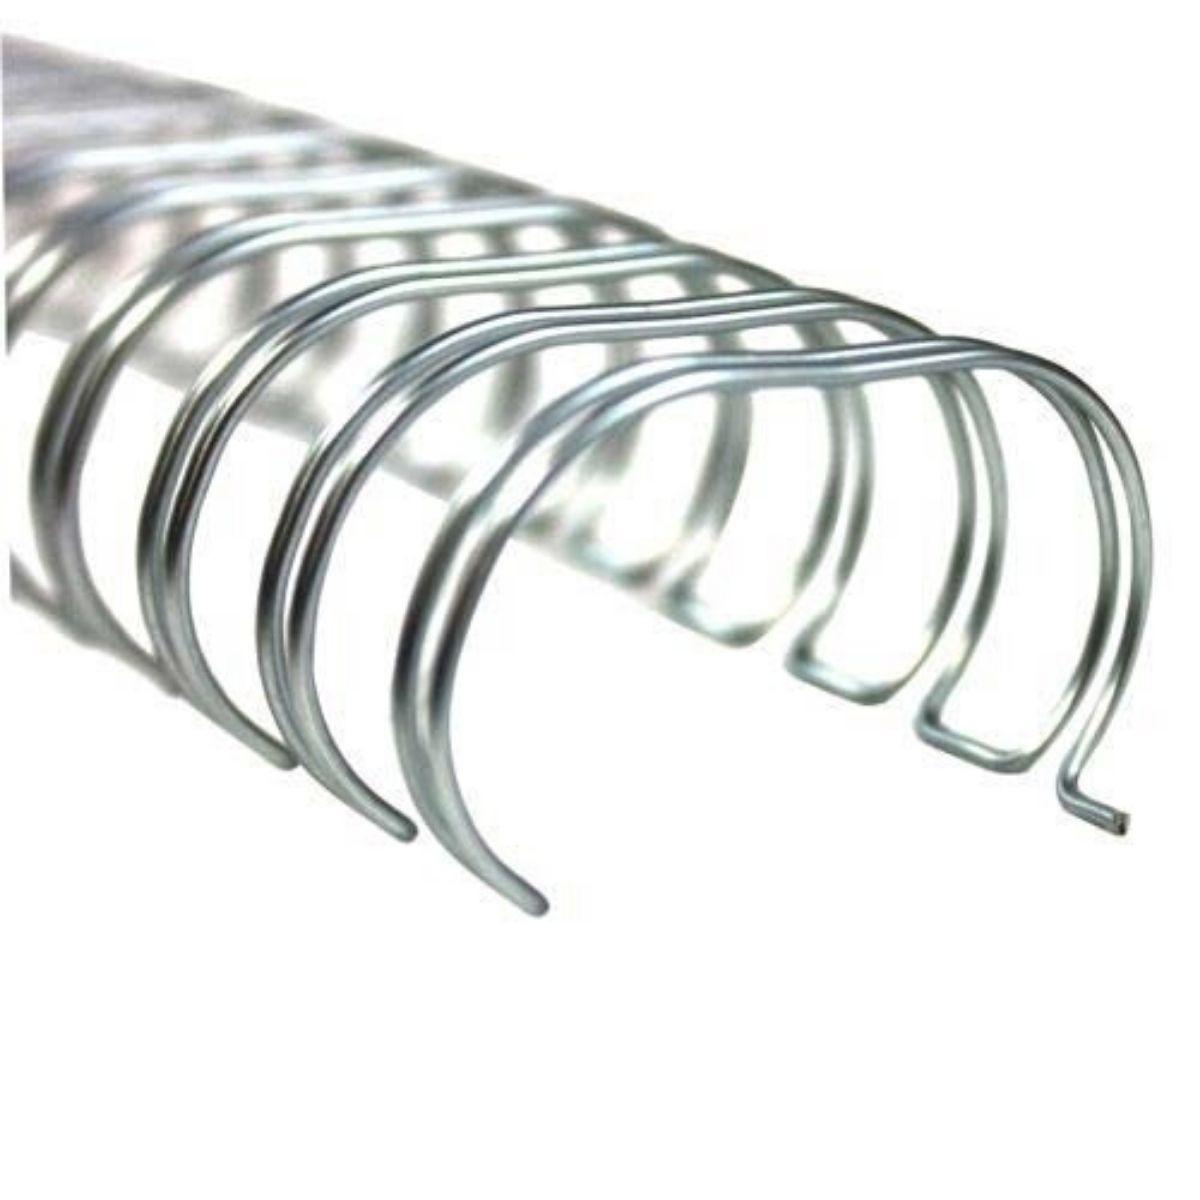 """Wire-o Para Encadernação A4 Prata 1 1/8"""" Até 250 Folhas (Passo 2x1) - Caixa com 25 unidades  - Click Suprimentos"""